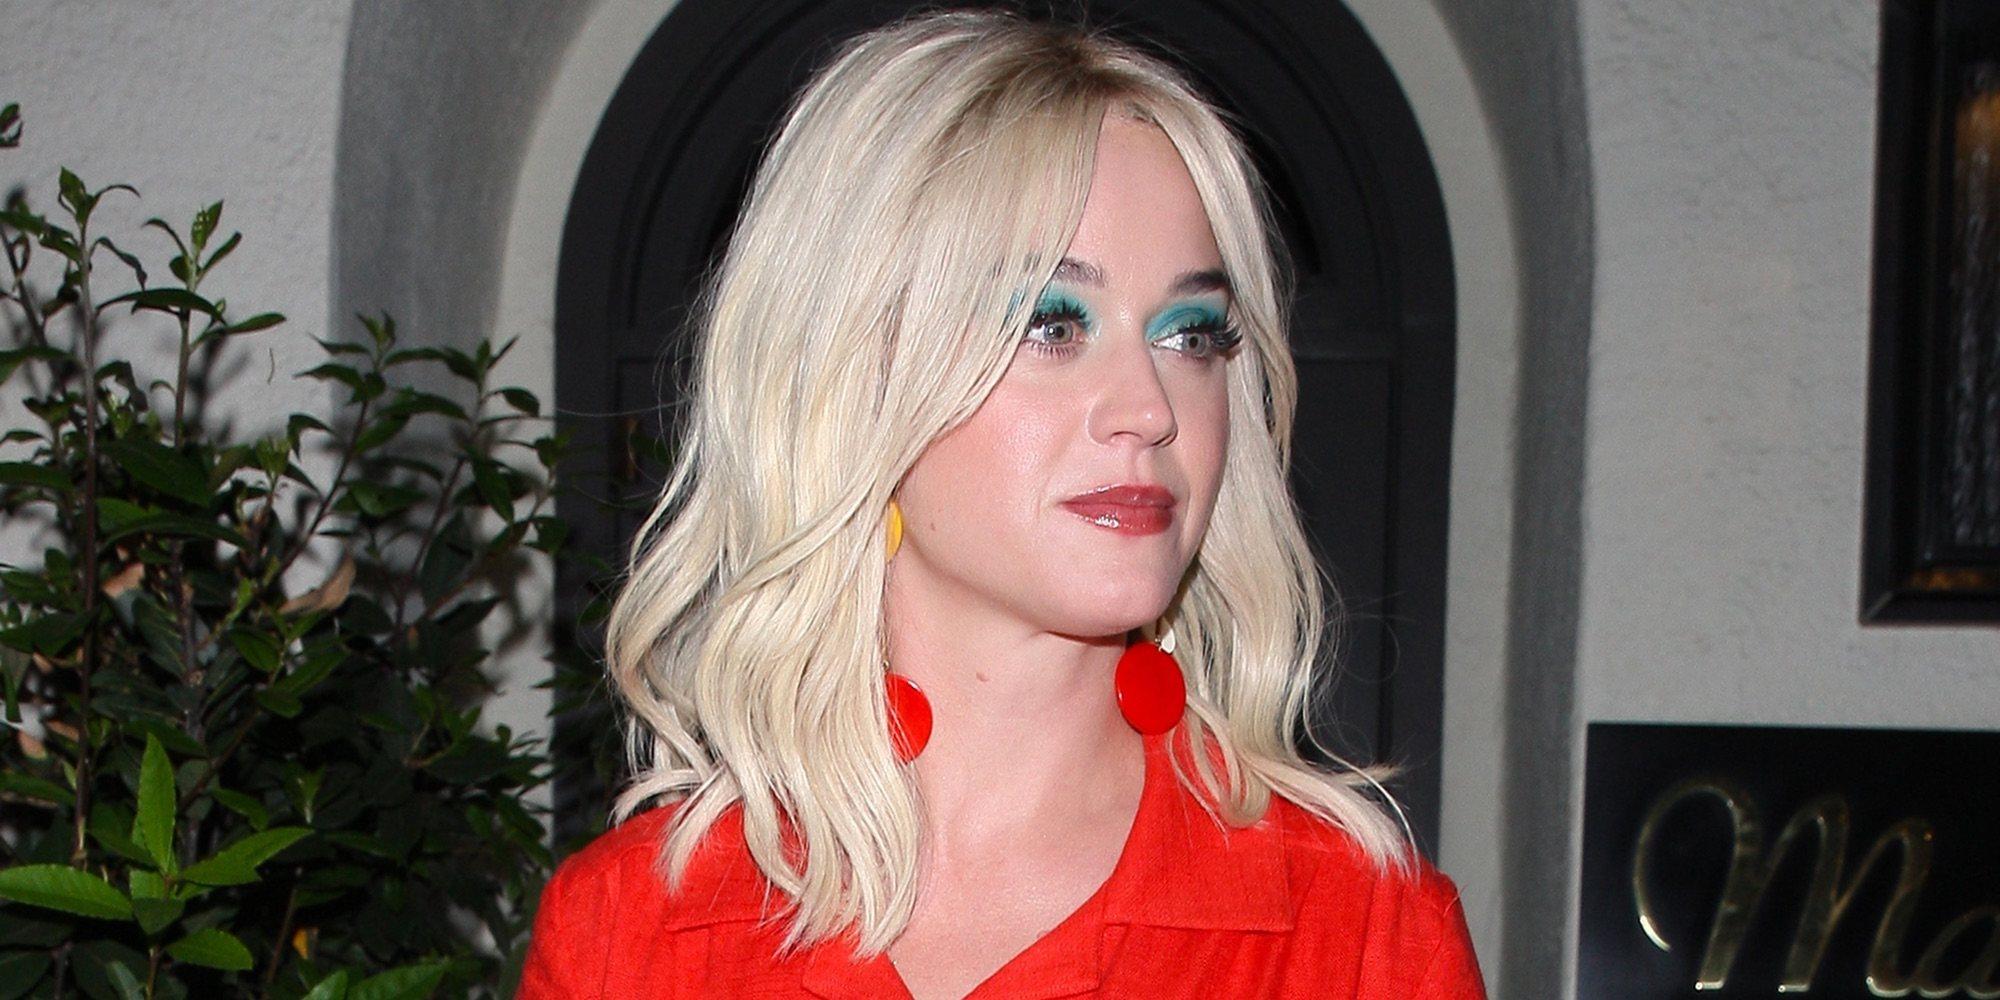 Katy Perry, acusada de acoso sexual por Josh Kloss, el actor protagonista de su videoclip 'Teenage Dream'